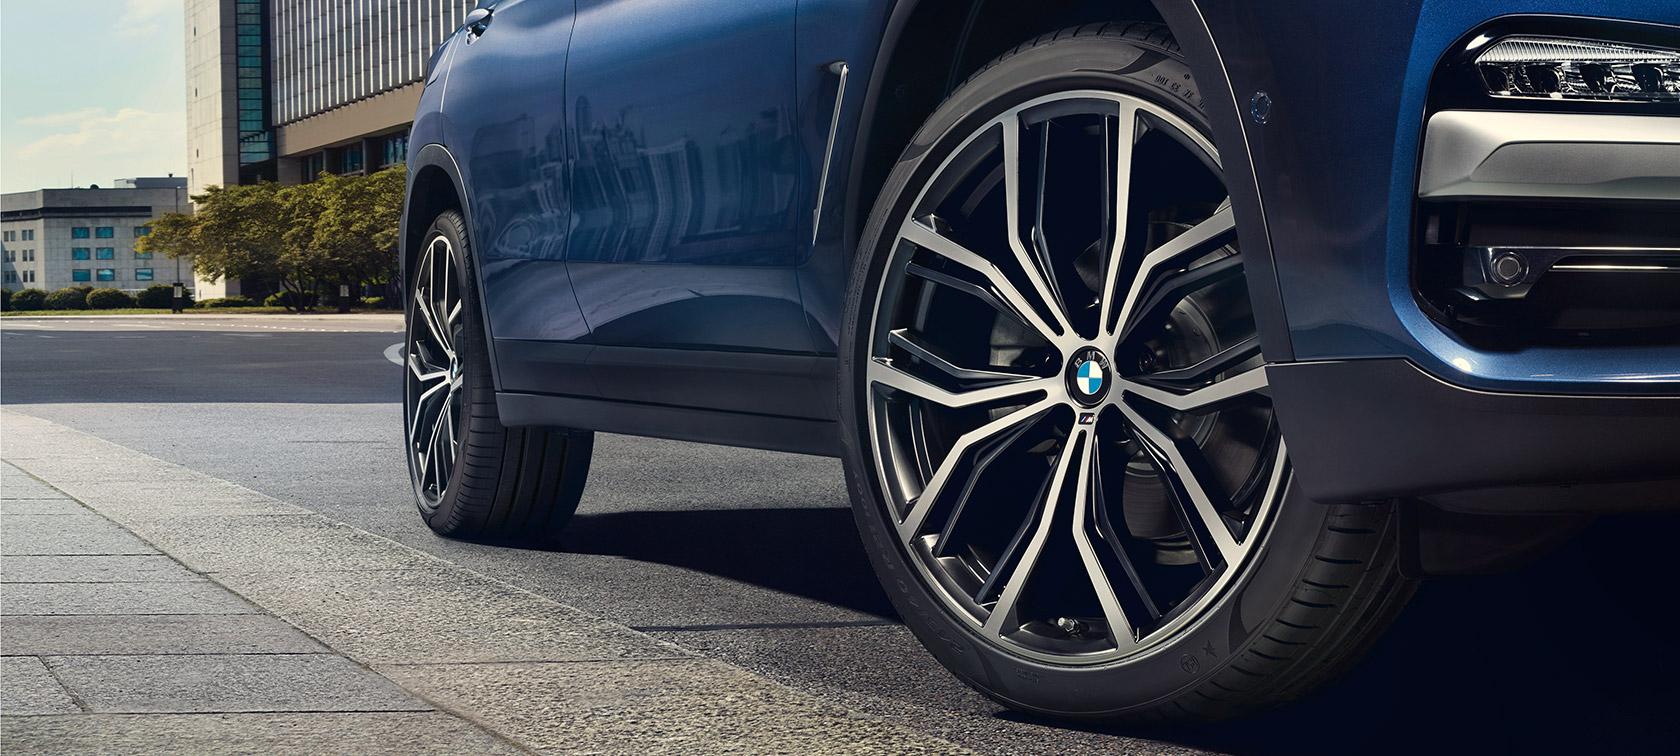 Alufelni akciós kínalata minden autótípushoz: Audi Bmw Volkswagen Mercedes Skoda és egyéb megfelelő felni!